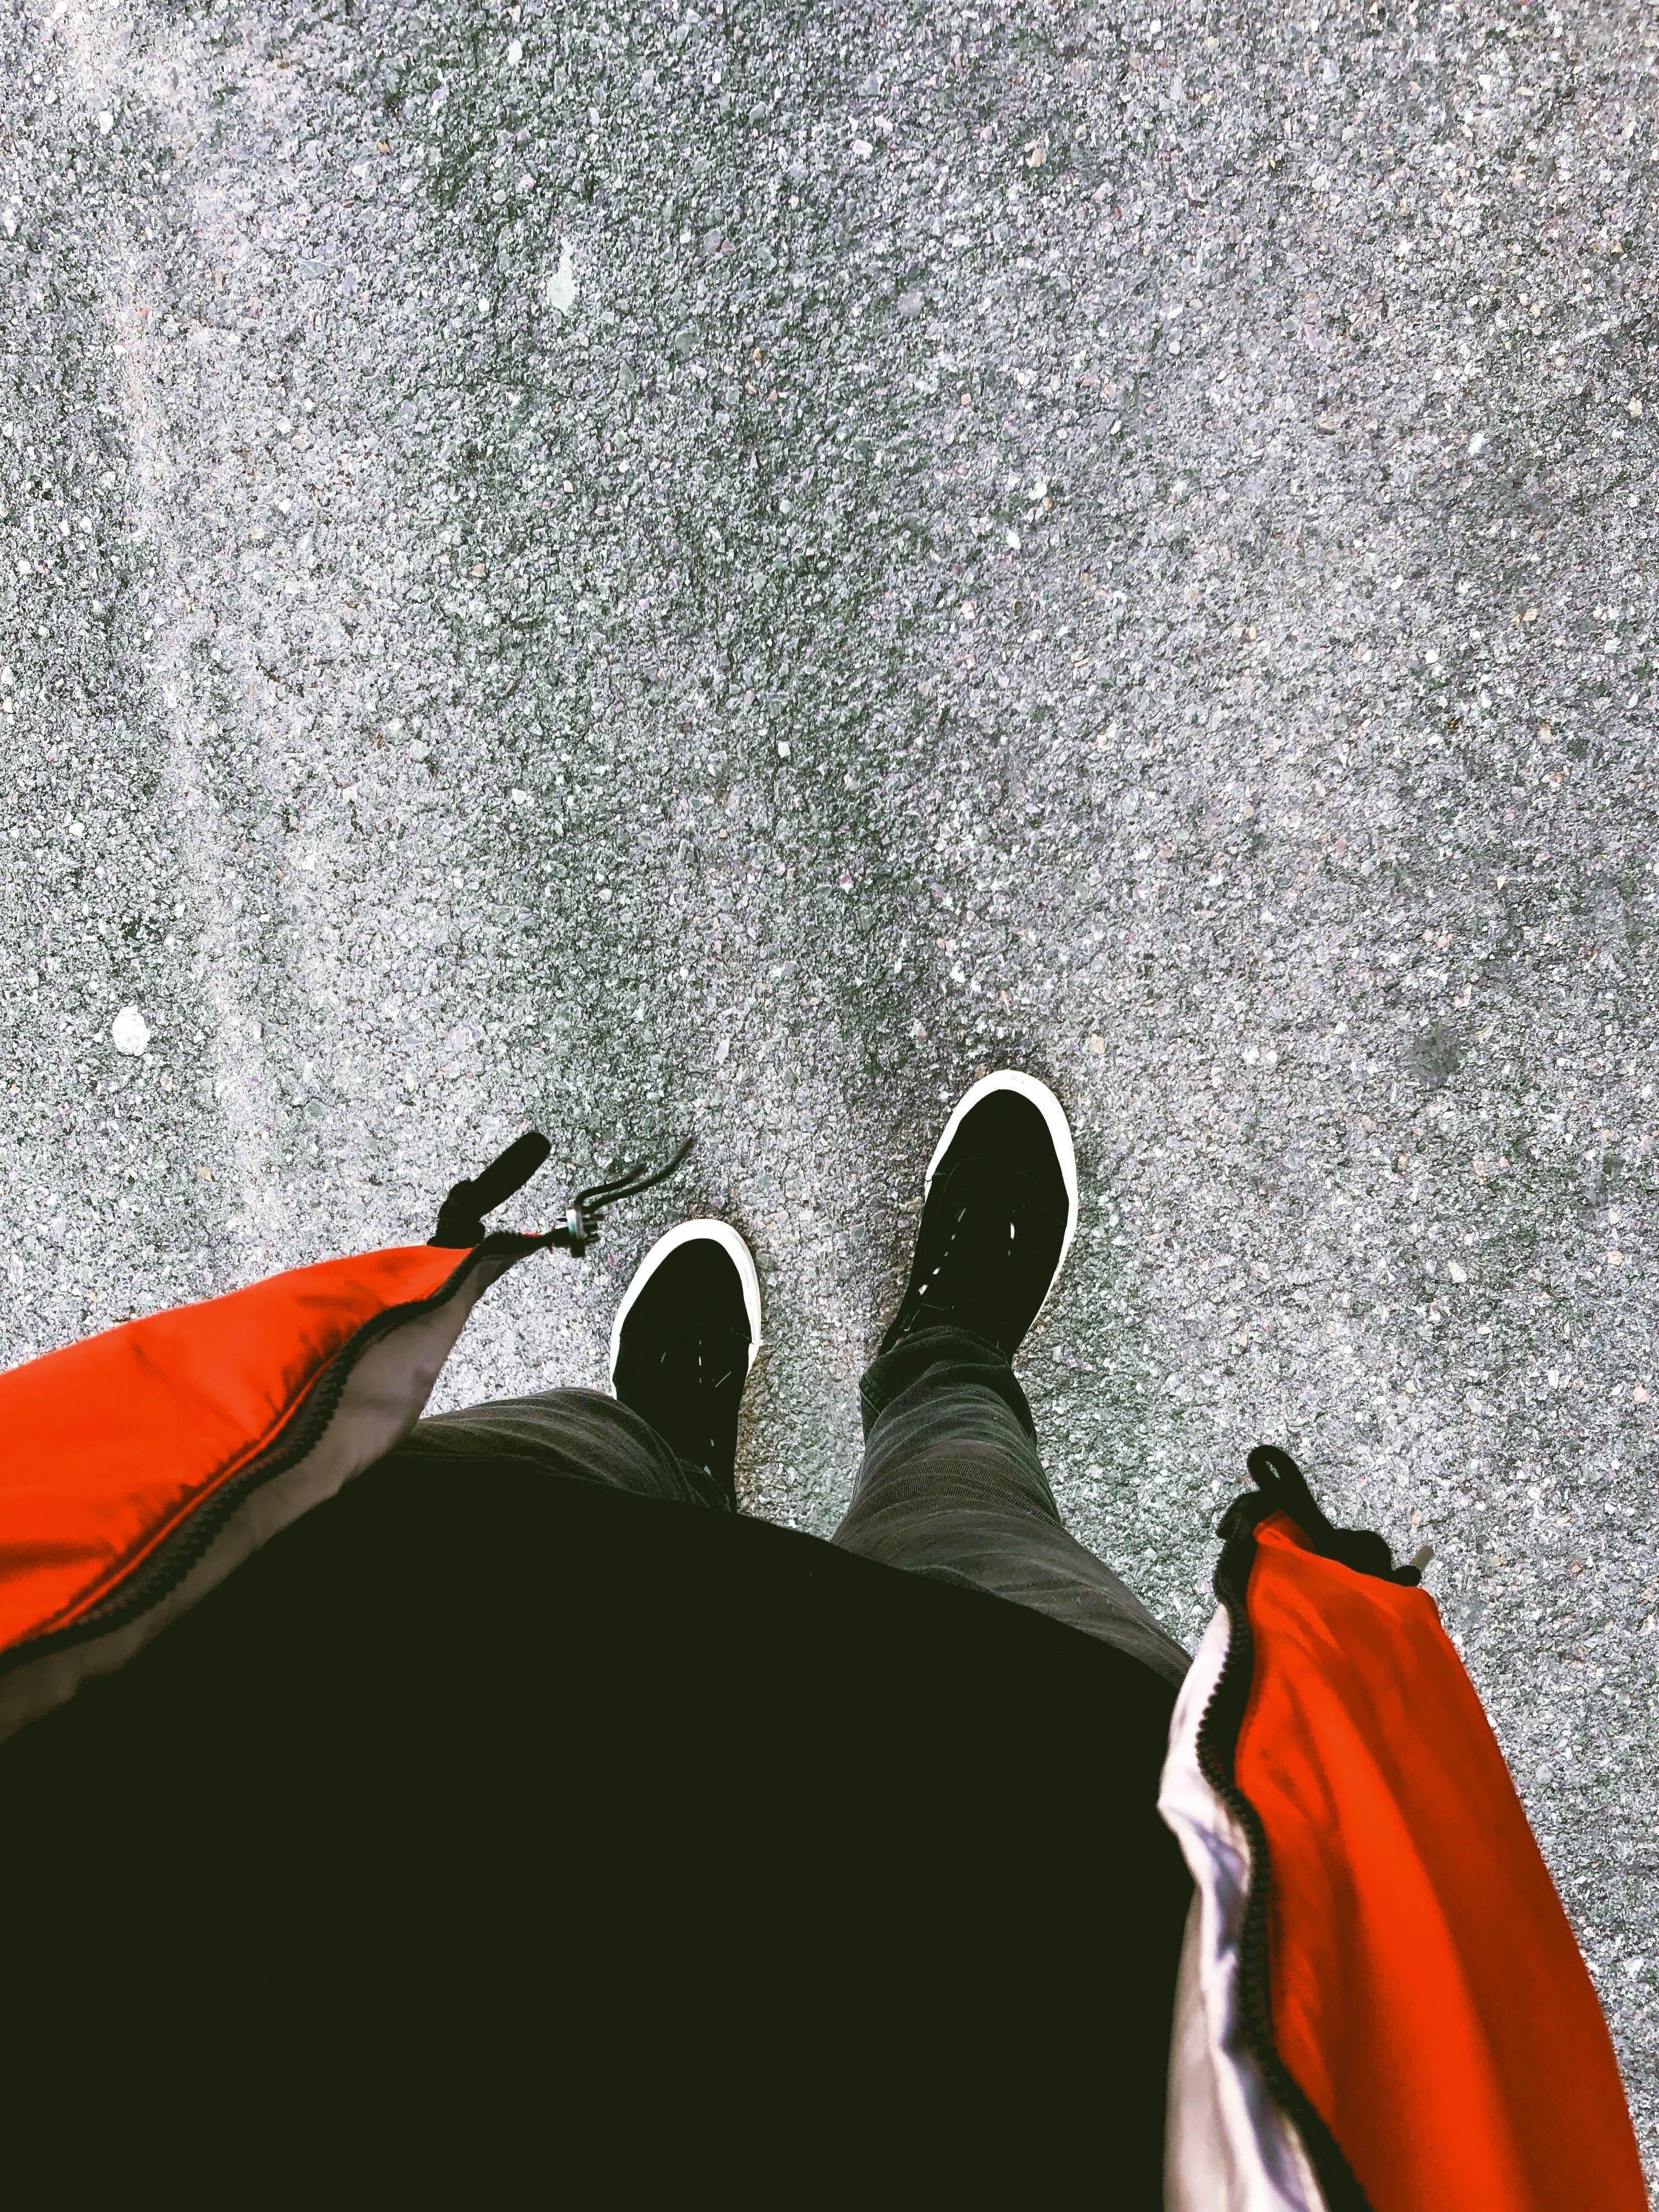 Δωρεάν στοκ φωτογραφιών με pov, αθλητικά παπούτσια, αλέθω, άνθρωπος